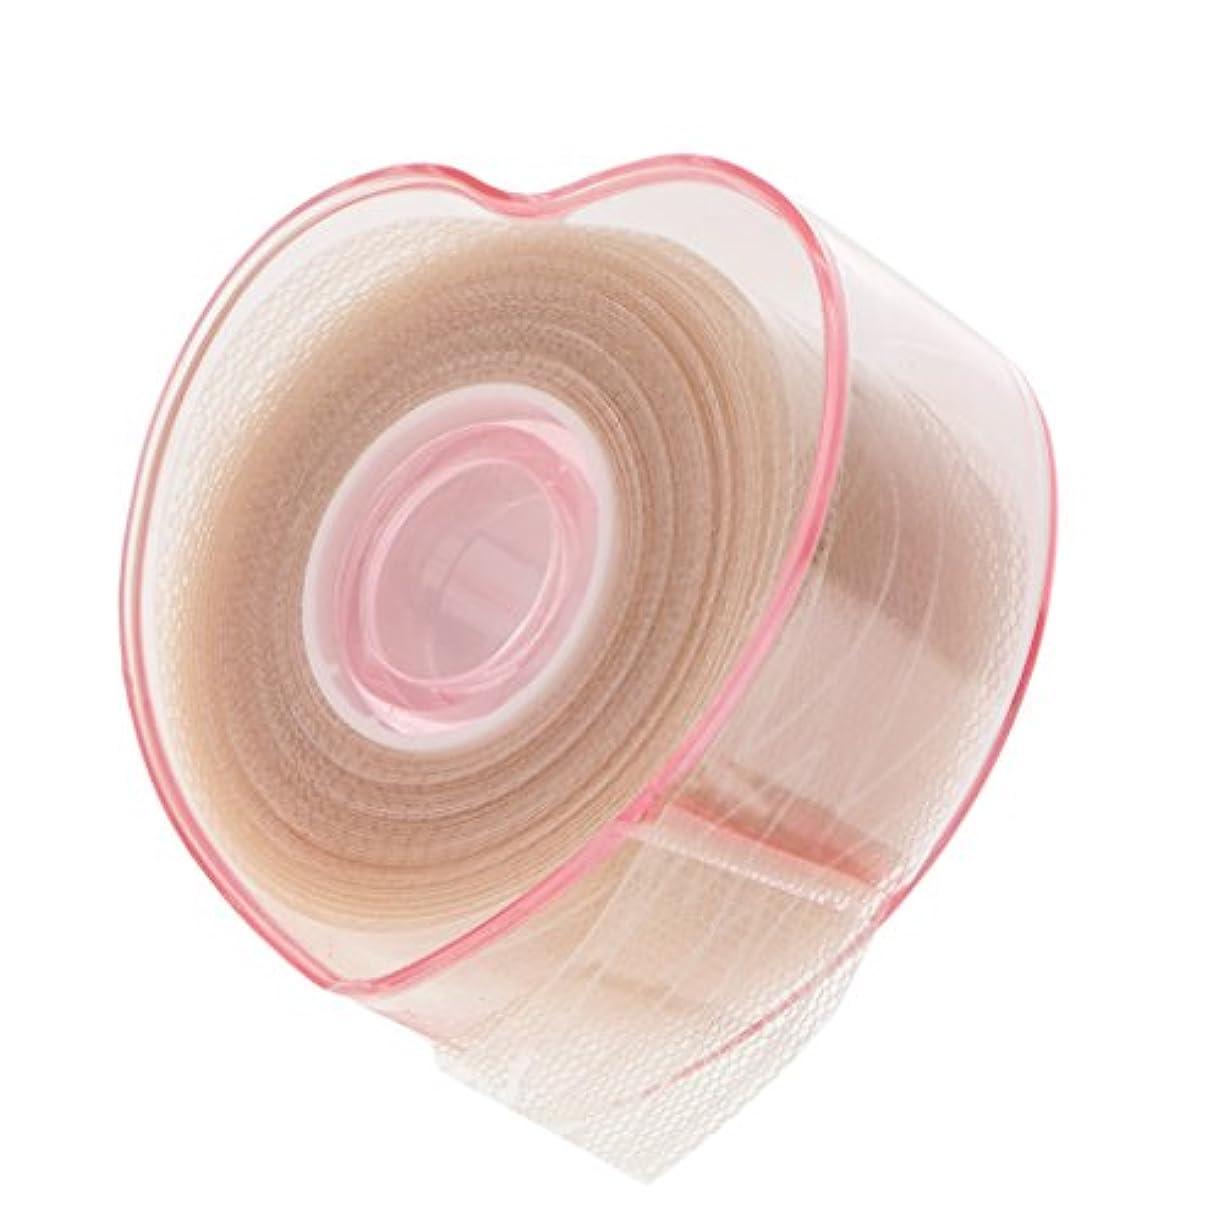 散文進化生産的Toygogo 二重まぶたロール まつ毛テープ まつ毛ロール レース メッシュ 粘着性なし メイクアップ 4タイプ選べる - C